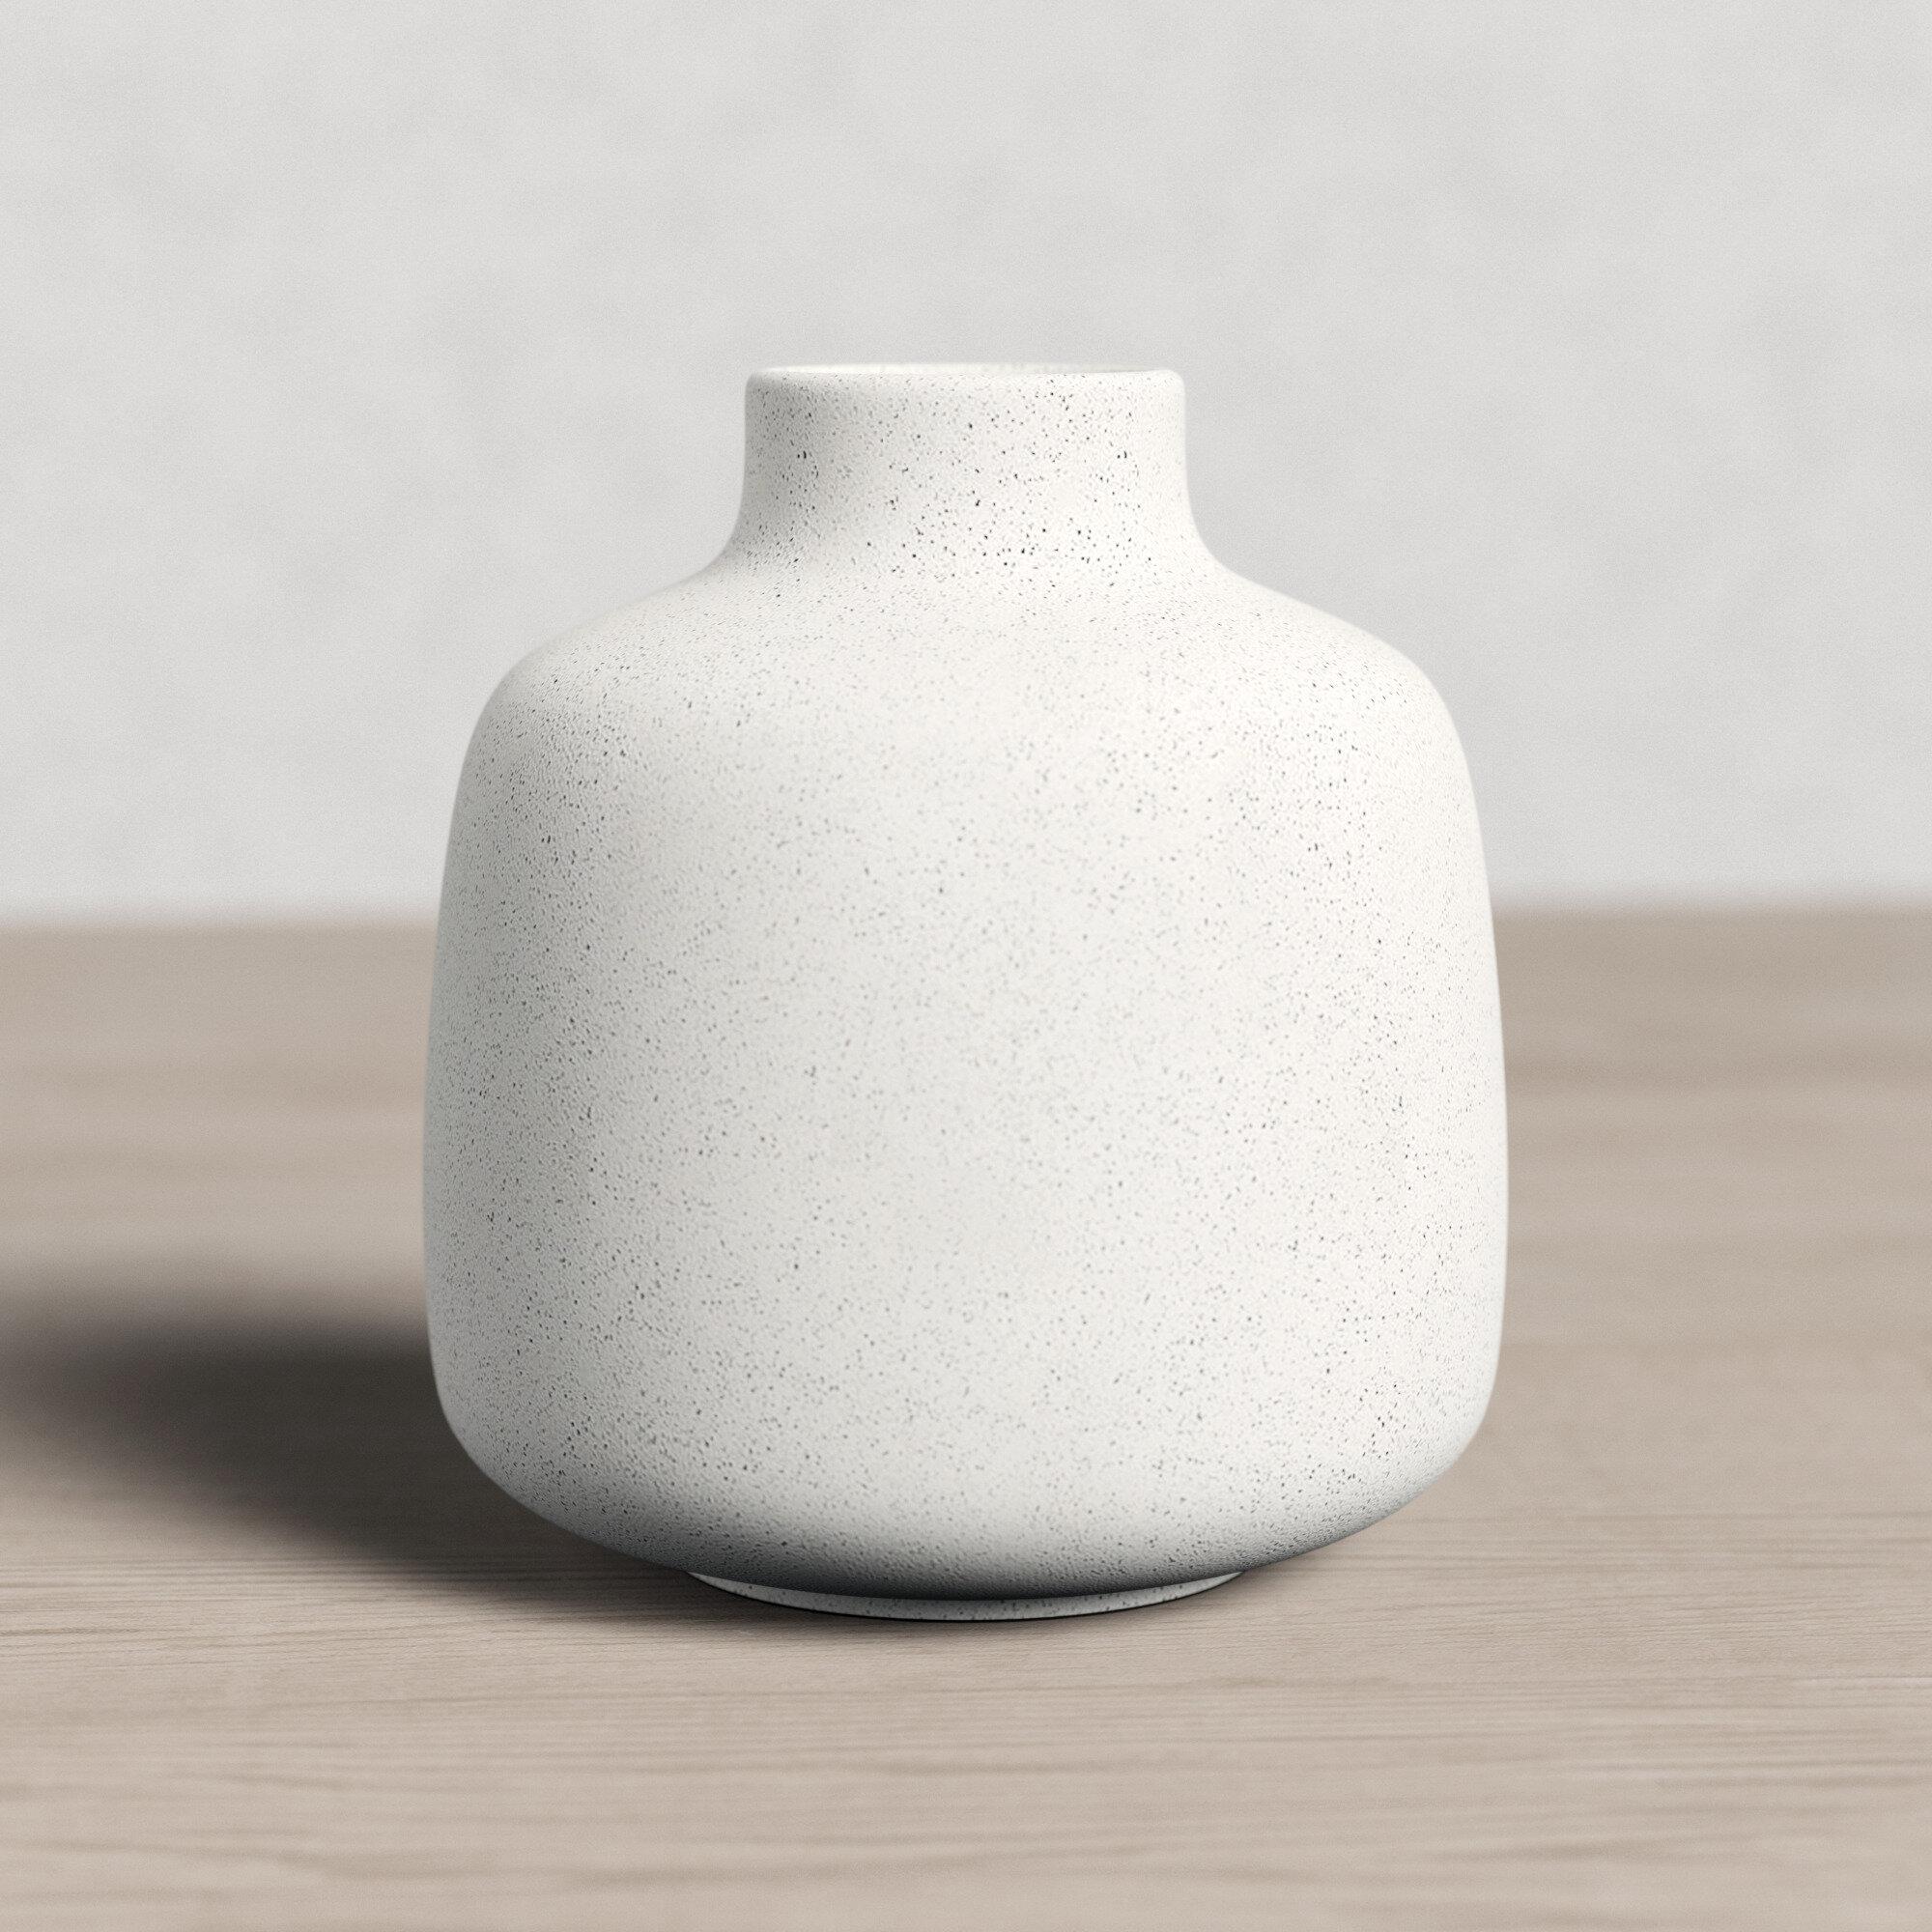 Rudea 5 32 Ceramic Table Vase Reviews Allmodern